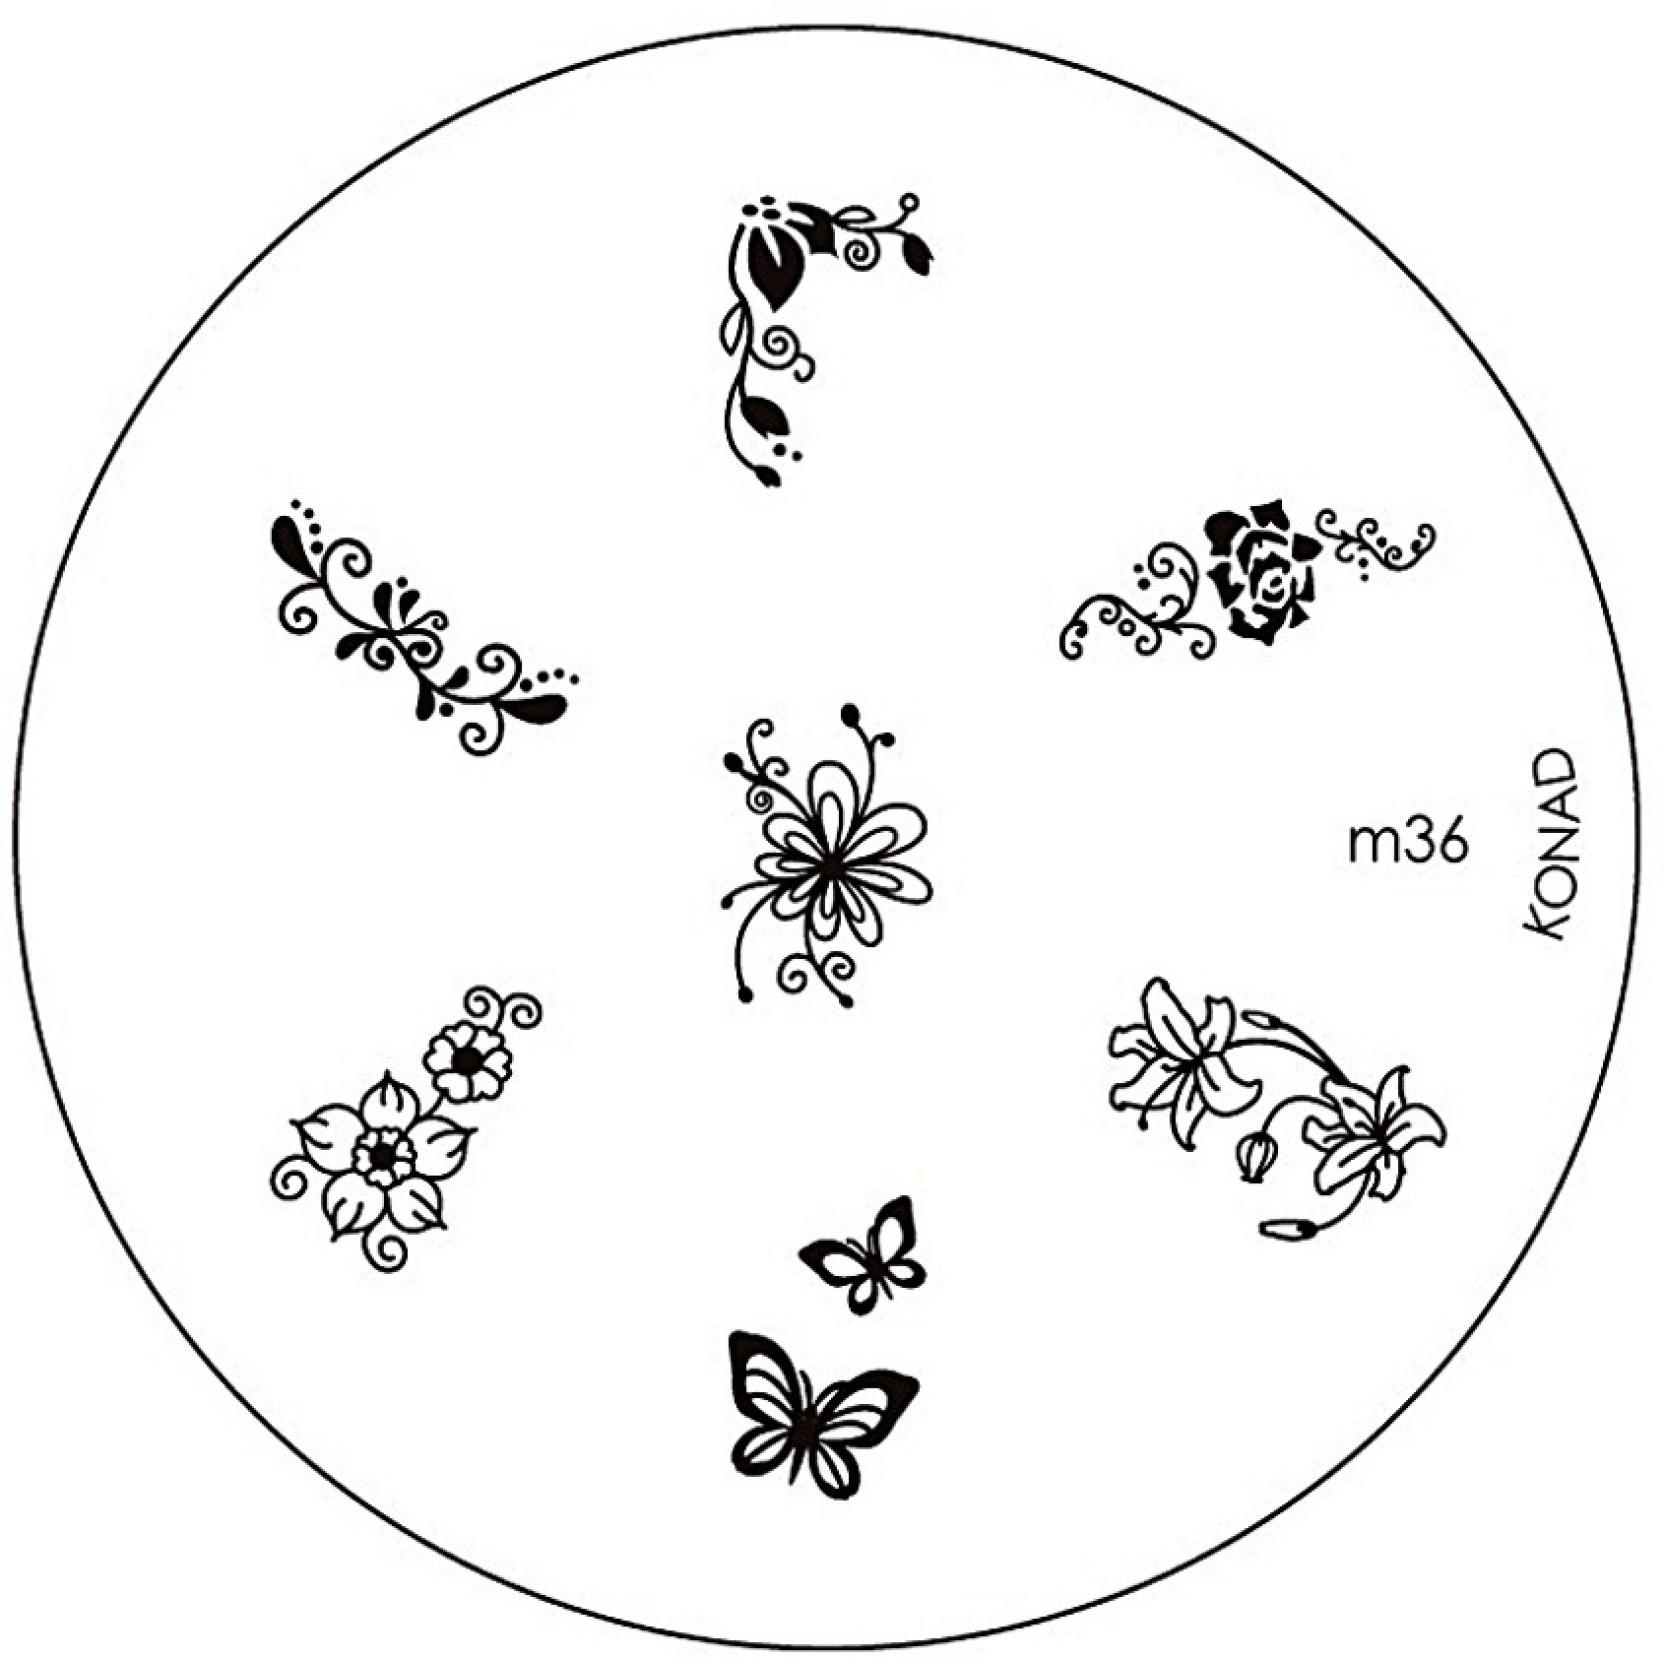 Konad Stamping Nail Art Image Plate M36 Price In India Buy Konad Stamping Nail Art Image